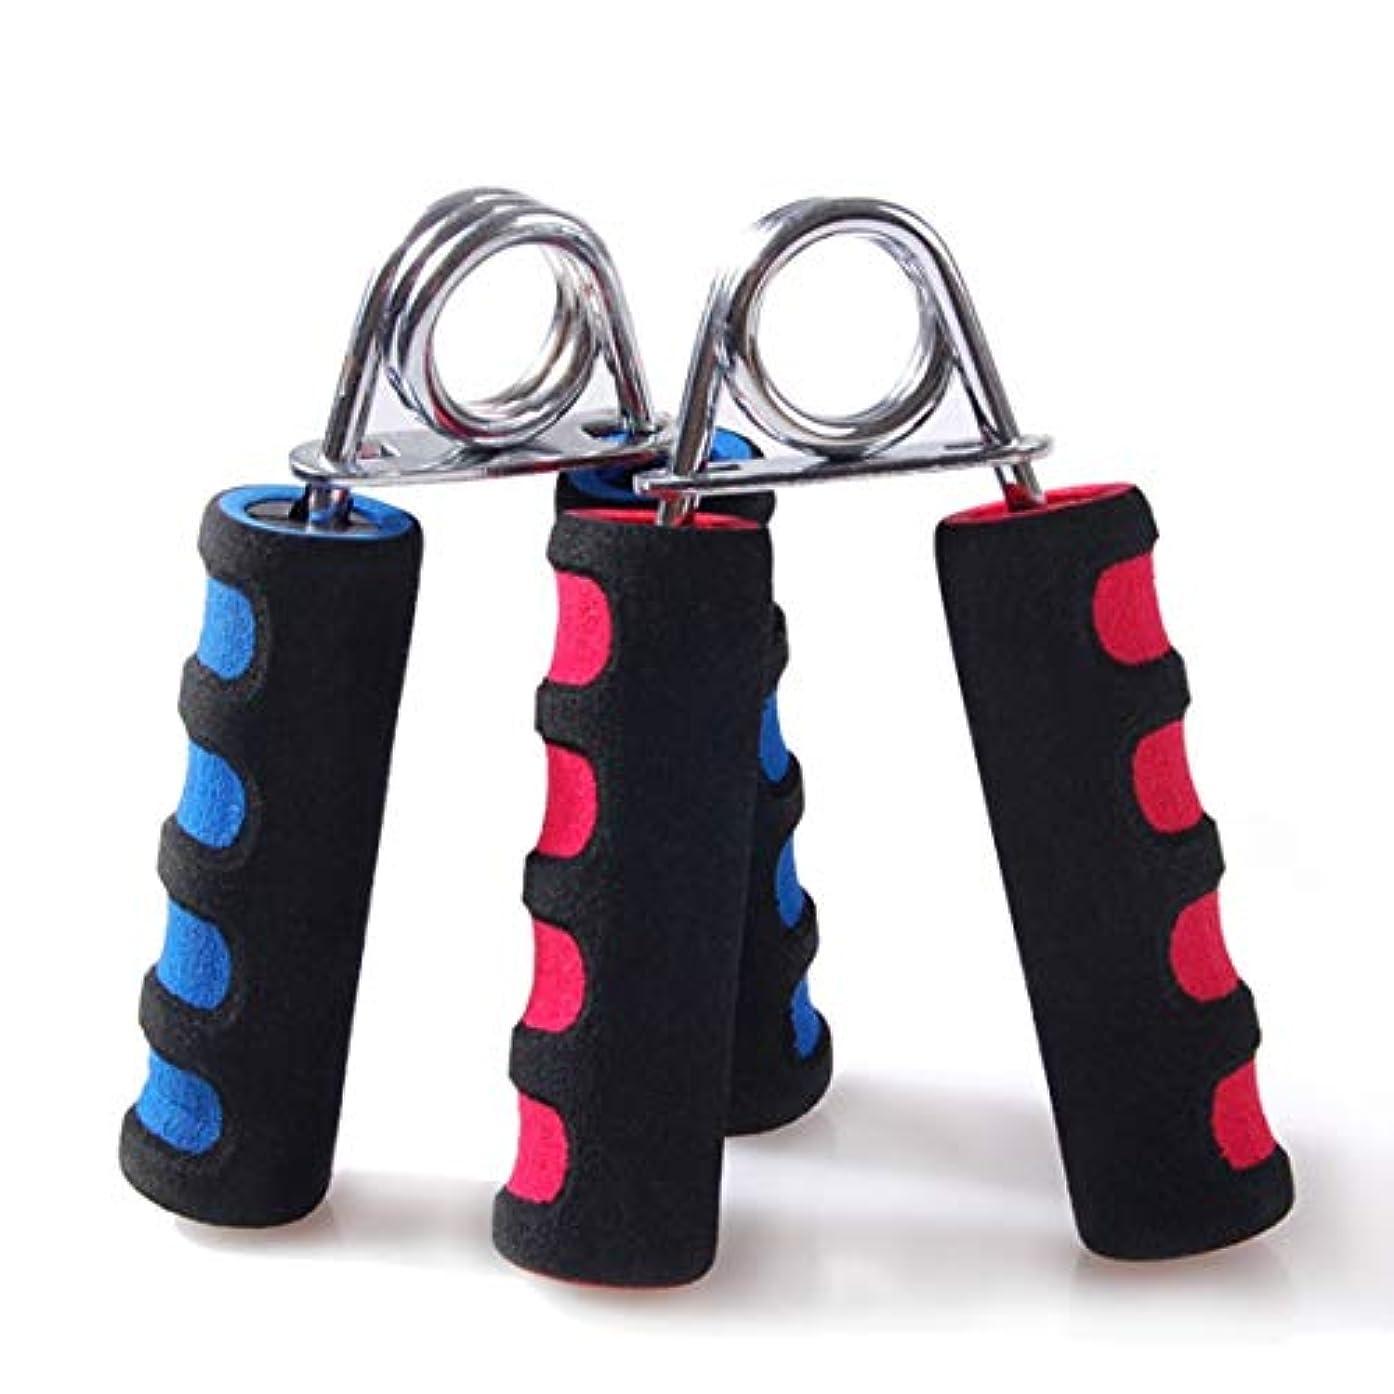 特別にエスニックで出来ているハンドグリッパーアーム手首エクササイザフィットネスグリップジムと毎日の運動のためのヘビーストレングストレーナー - カラーランダム